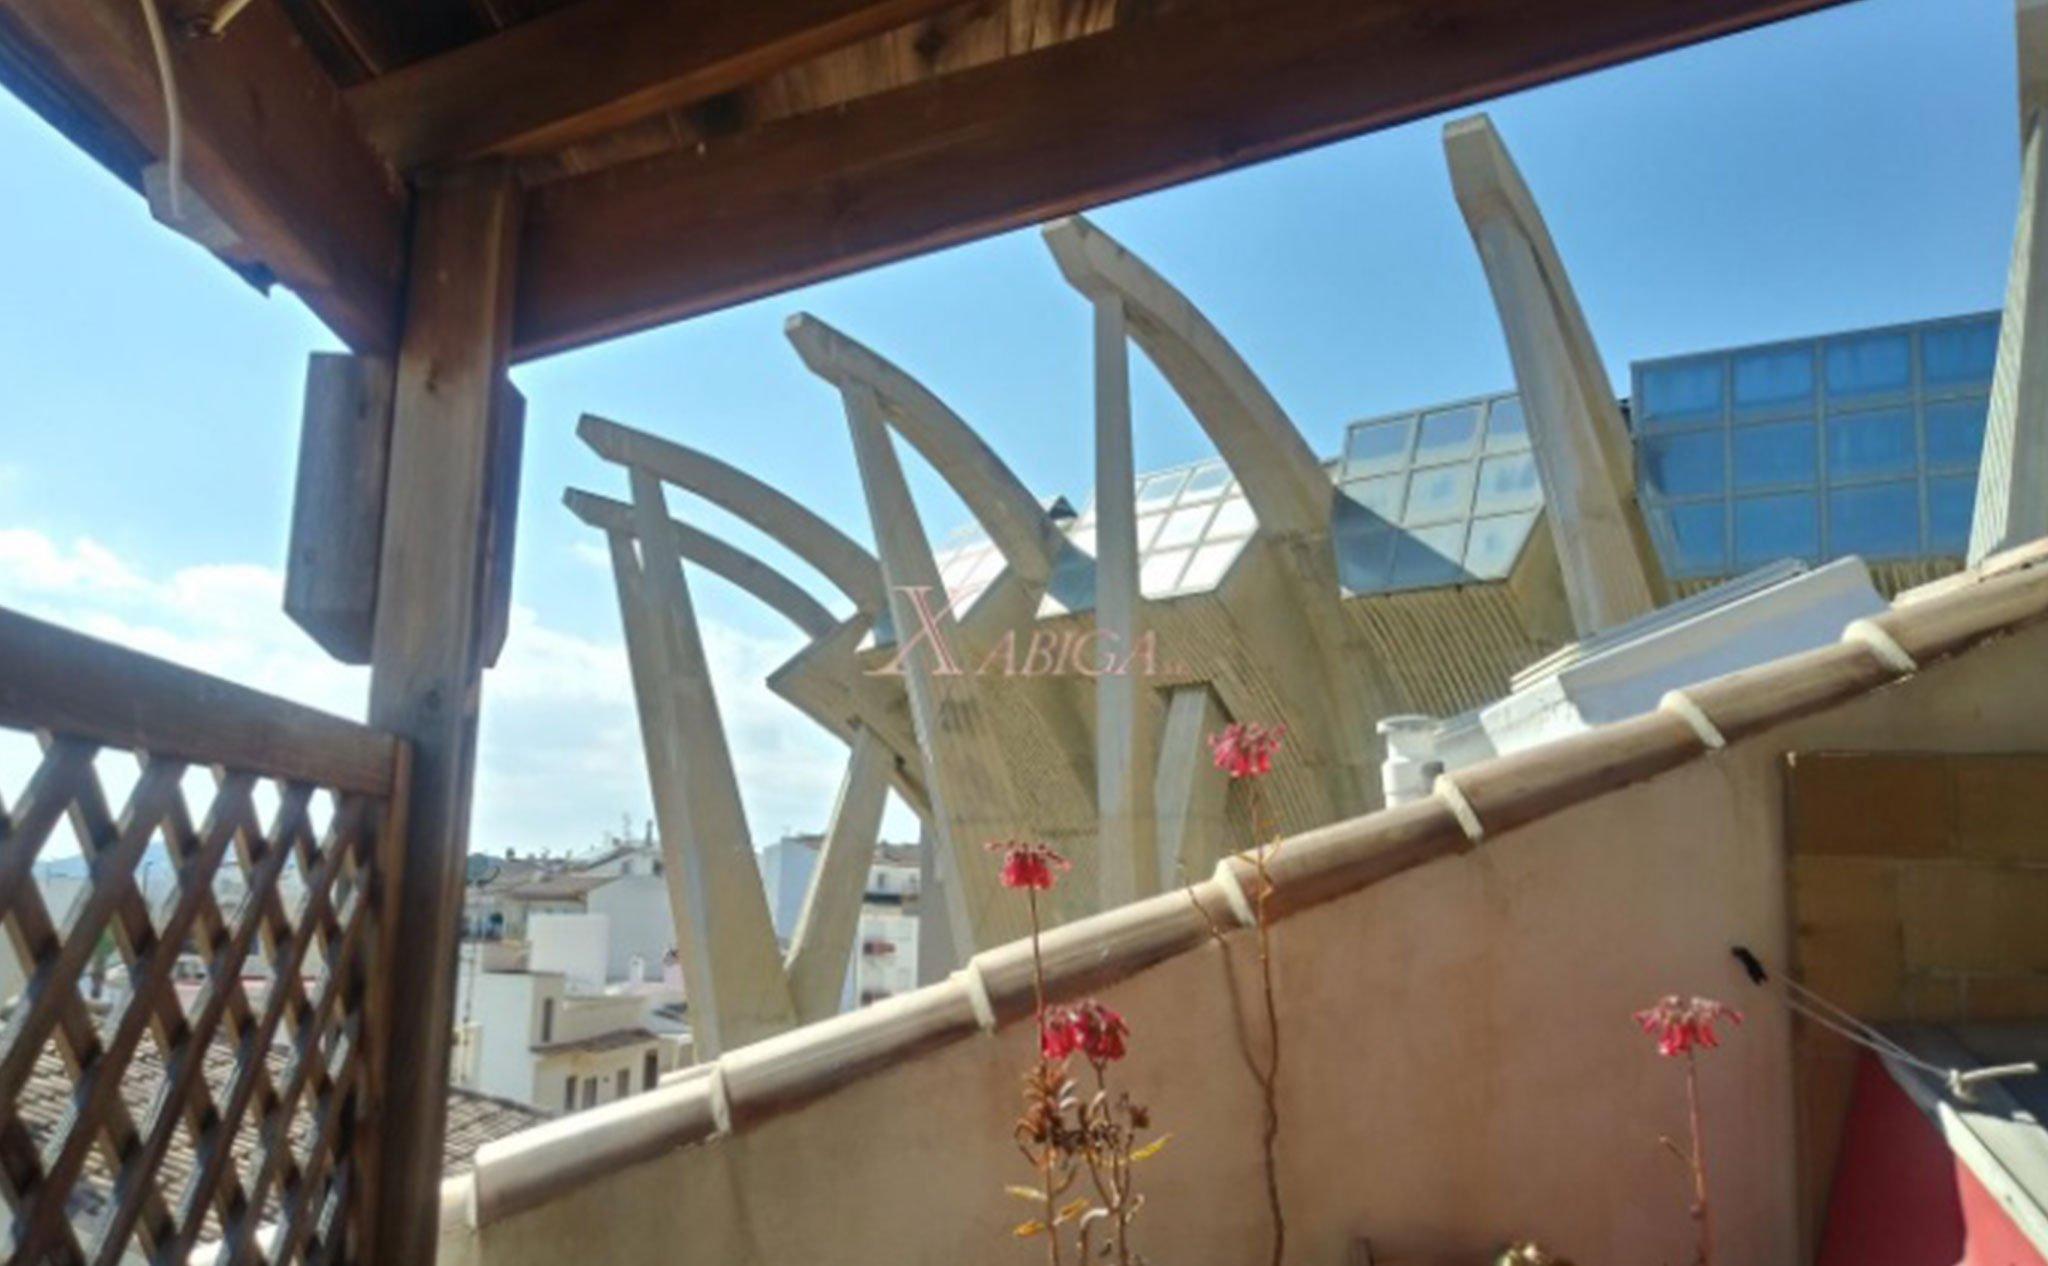 Vista desde una casa de pueblo en venta – Xabiga Inmobiliaria